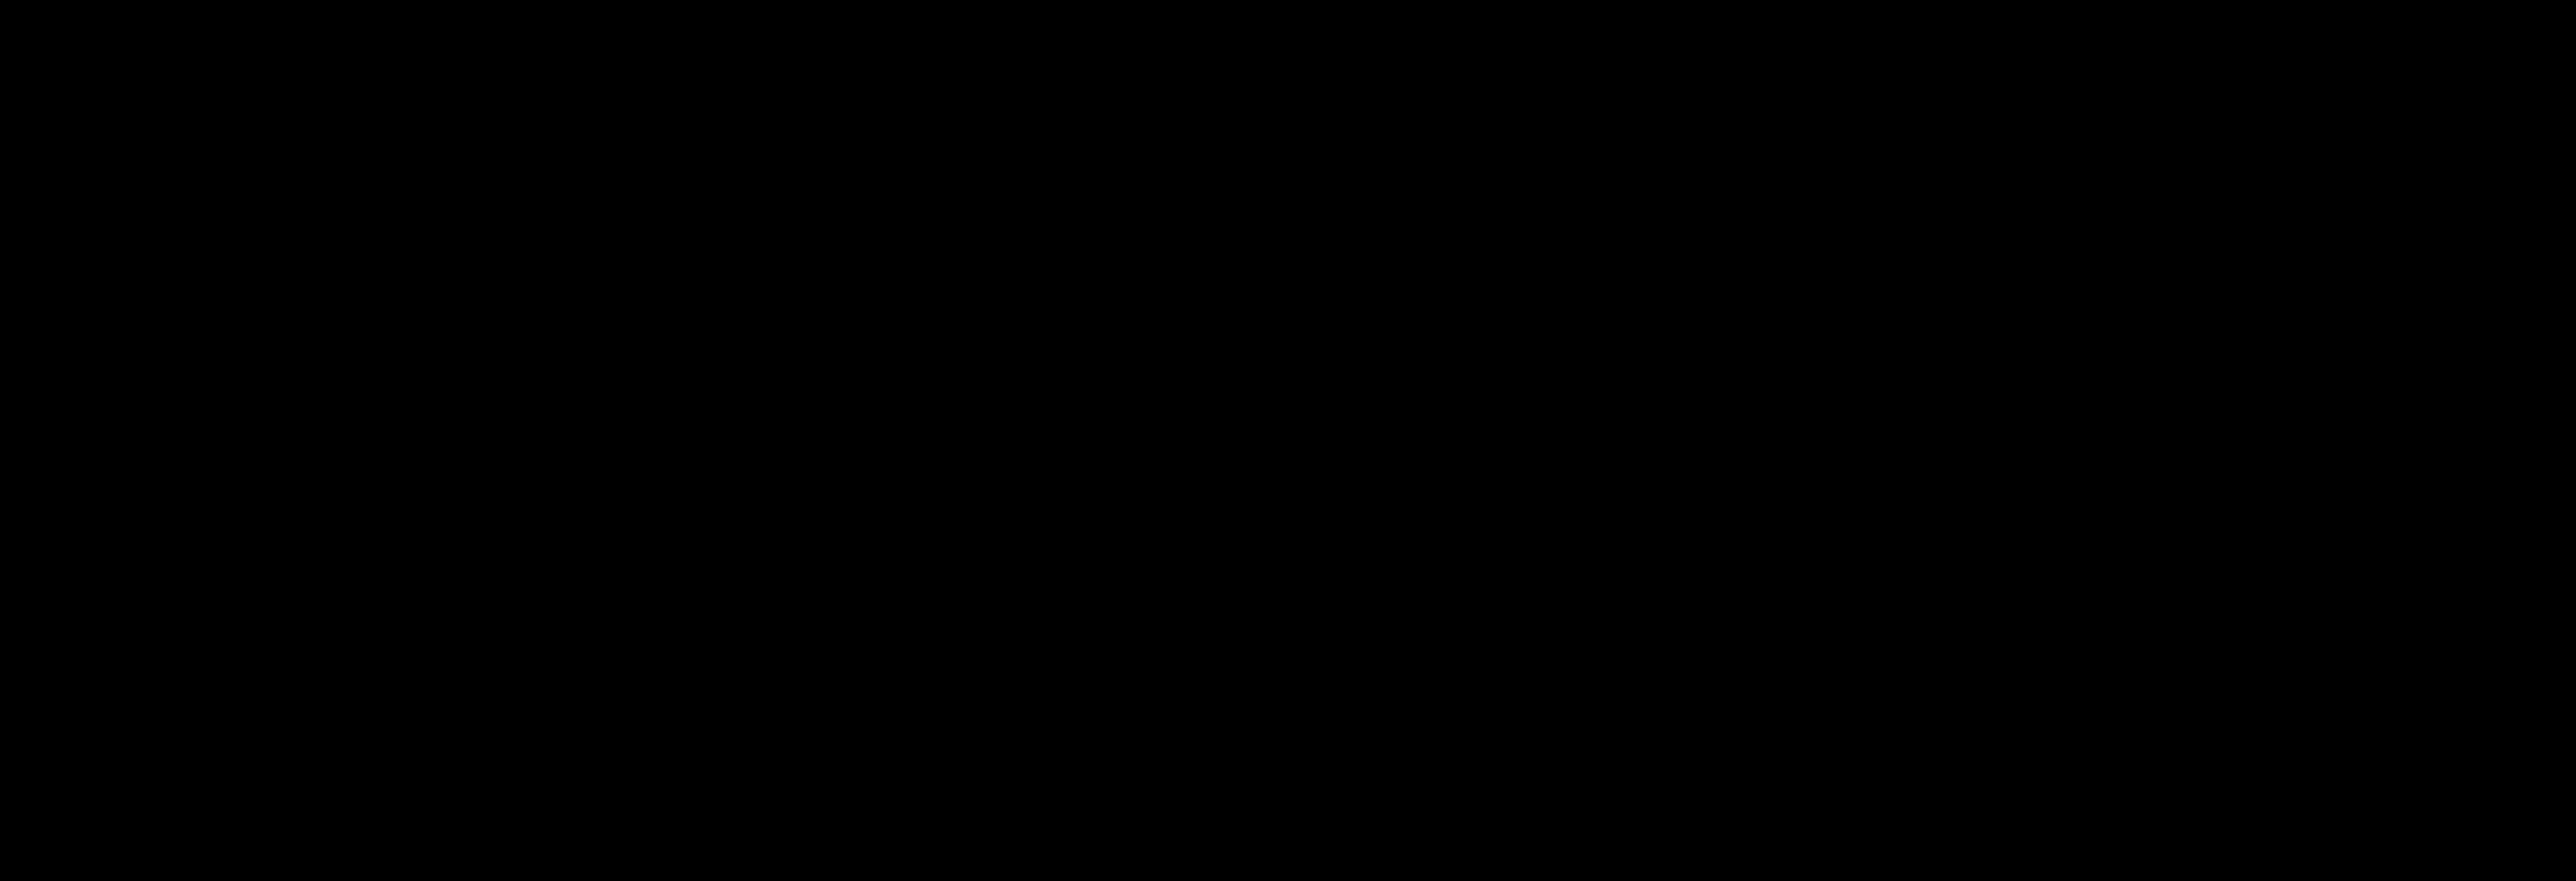 """เข้าร่วมฟังบรรยาย """"UP LEVEL ภาษาอังกฤษ ง่ายๆ ในยุคไทยแลนด์ ๔.๐"""""""